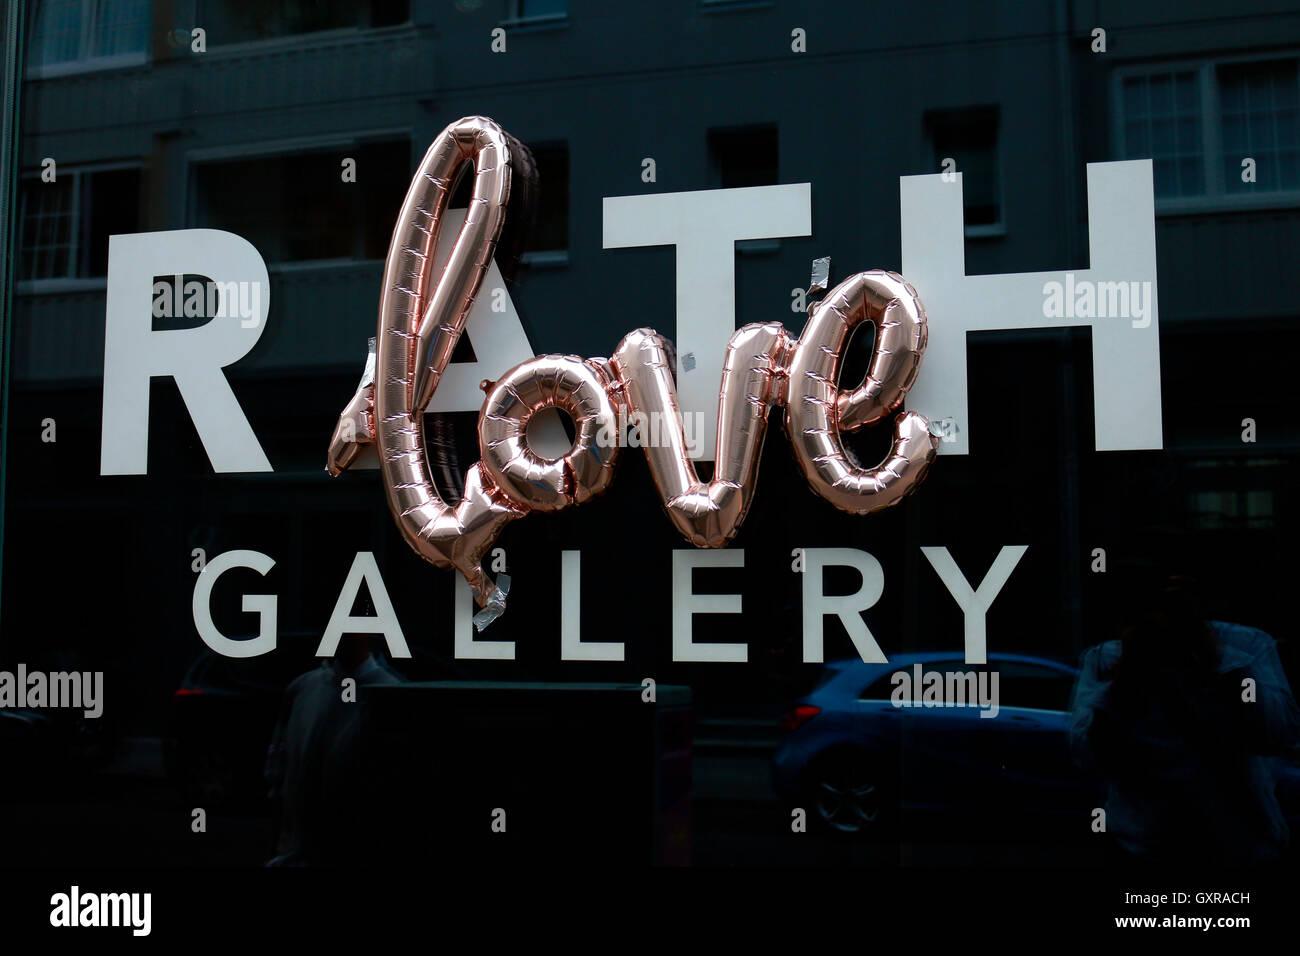 'Love' - Erinnerung an den verstorbenen Fotografen Oliver Rath, Berlin-Mitte. - Stock Image